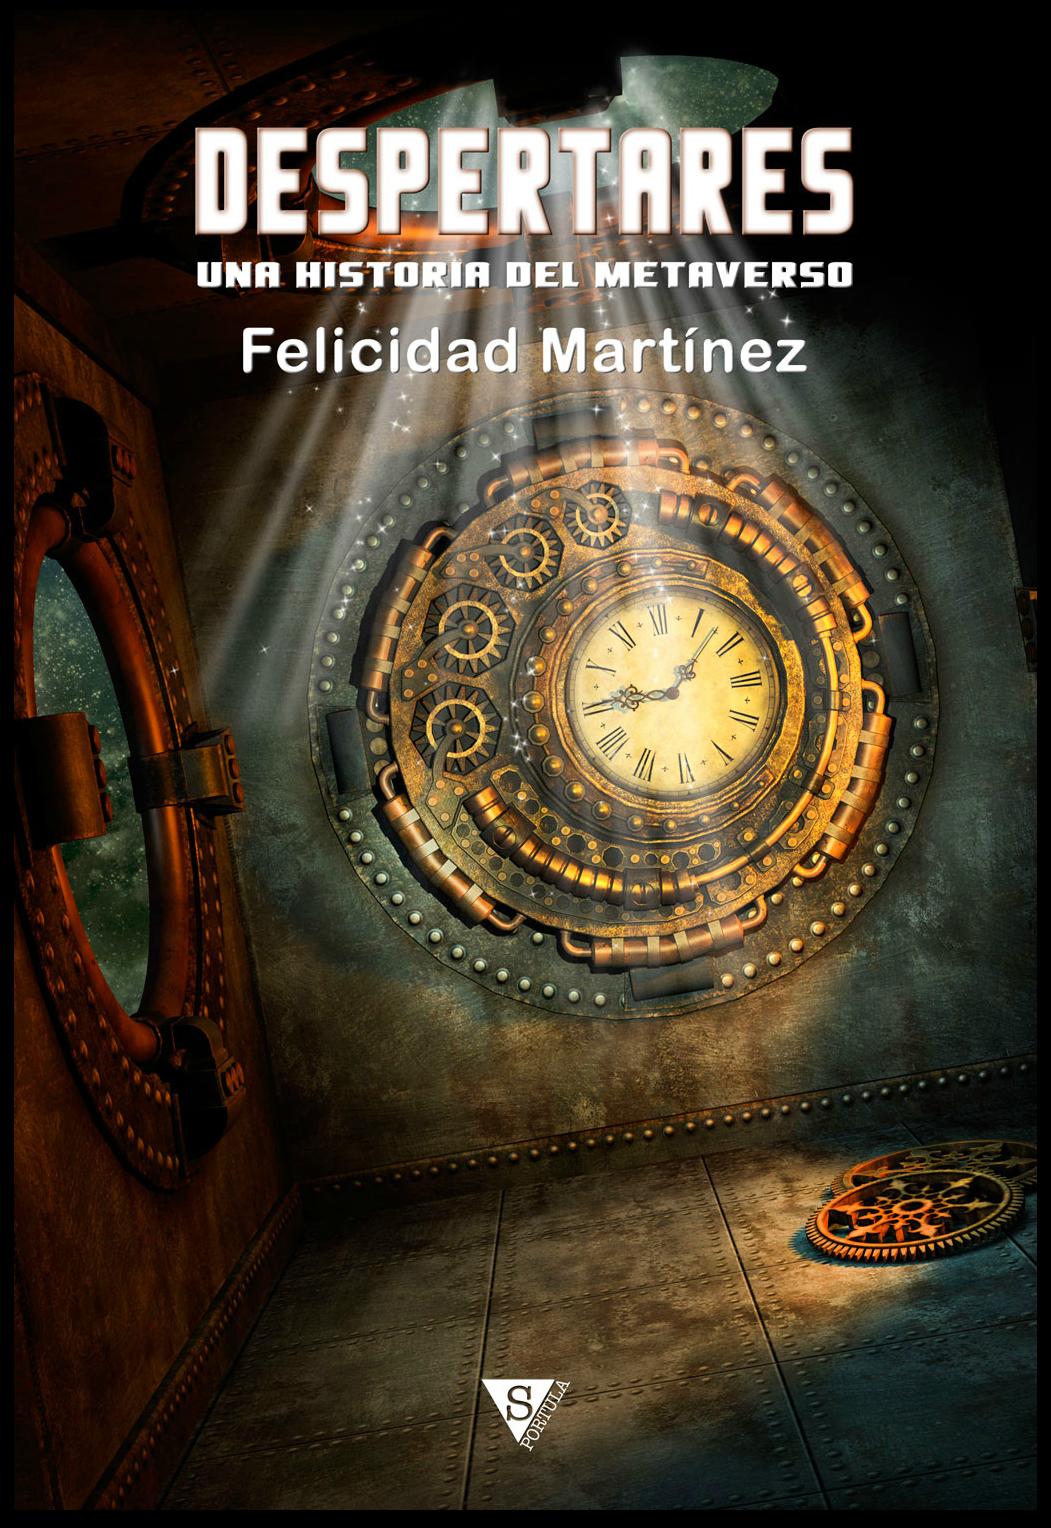 cubierta del libro despertares de felicidad martinez